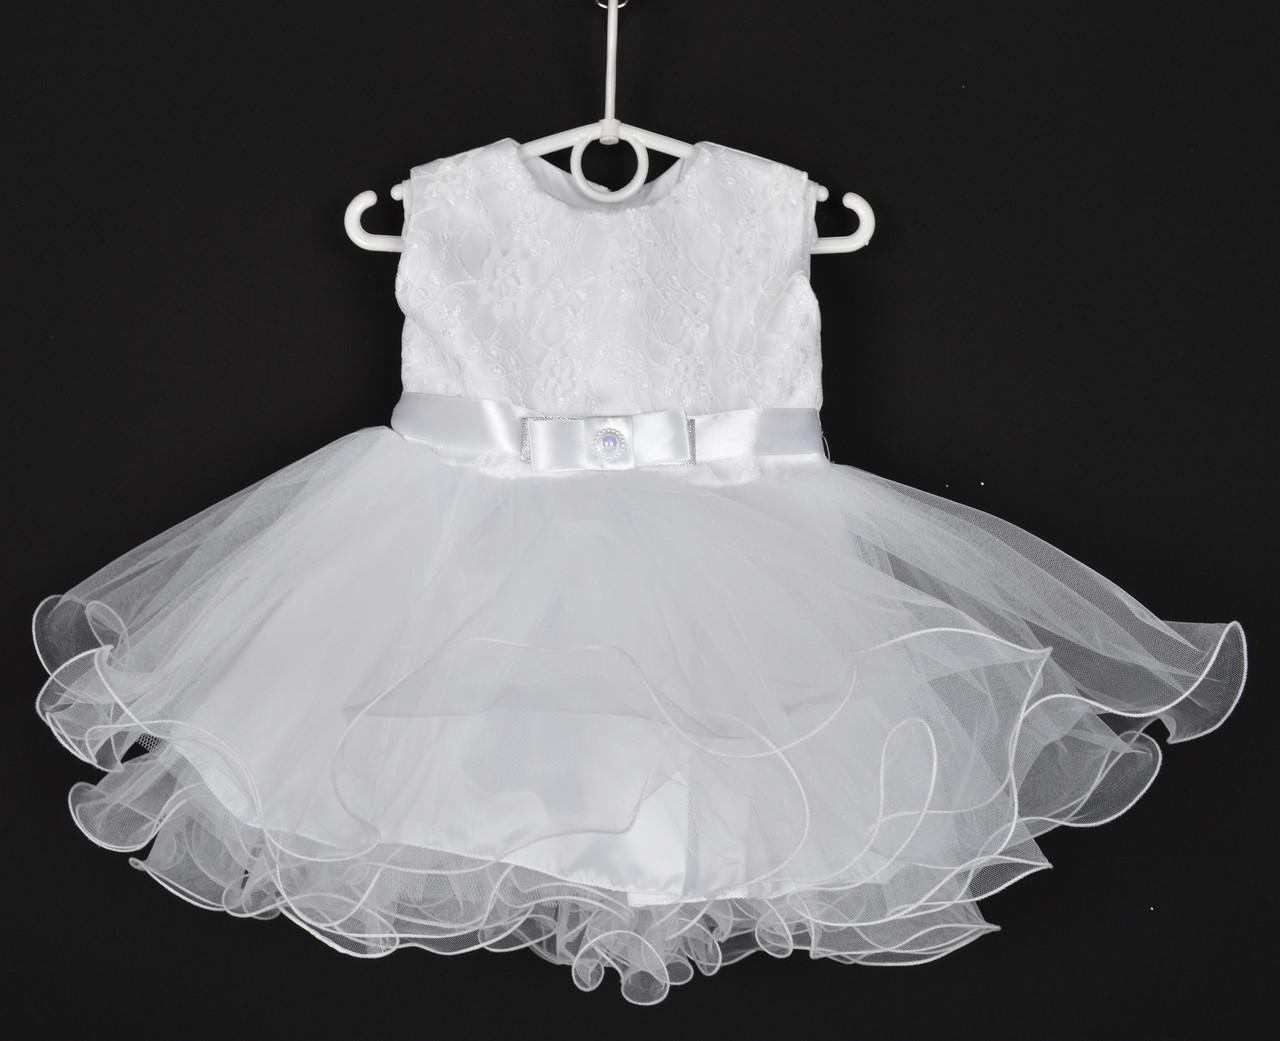 """Платье нарядное детское """"Лавандочка"""" без оборки до 1 года. Белое. Купить оптом и в розницу"""